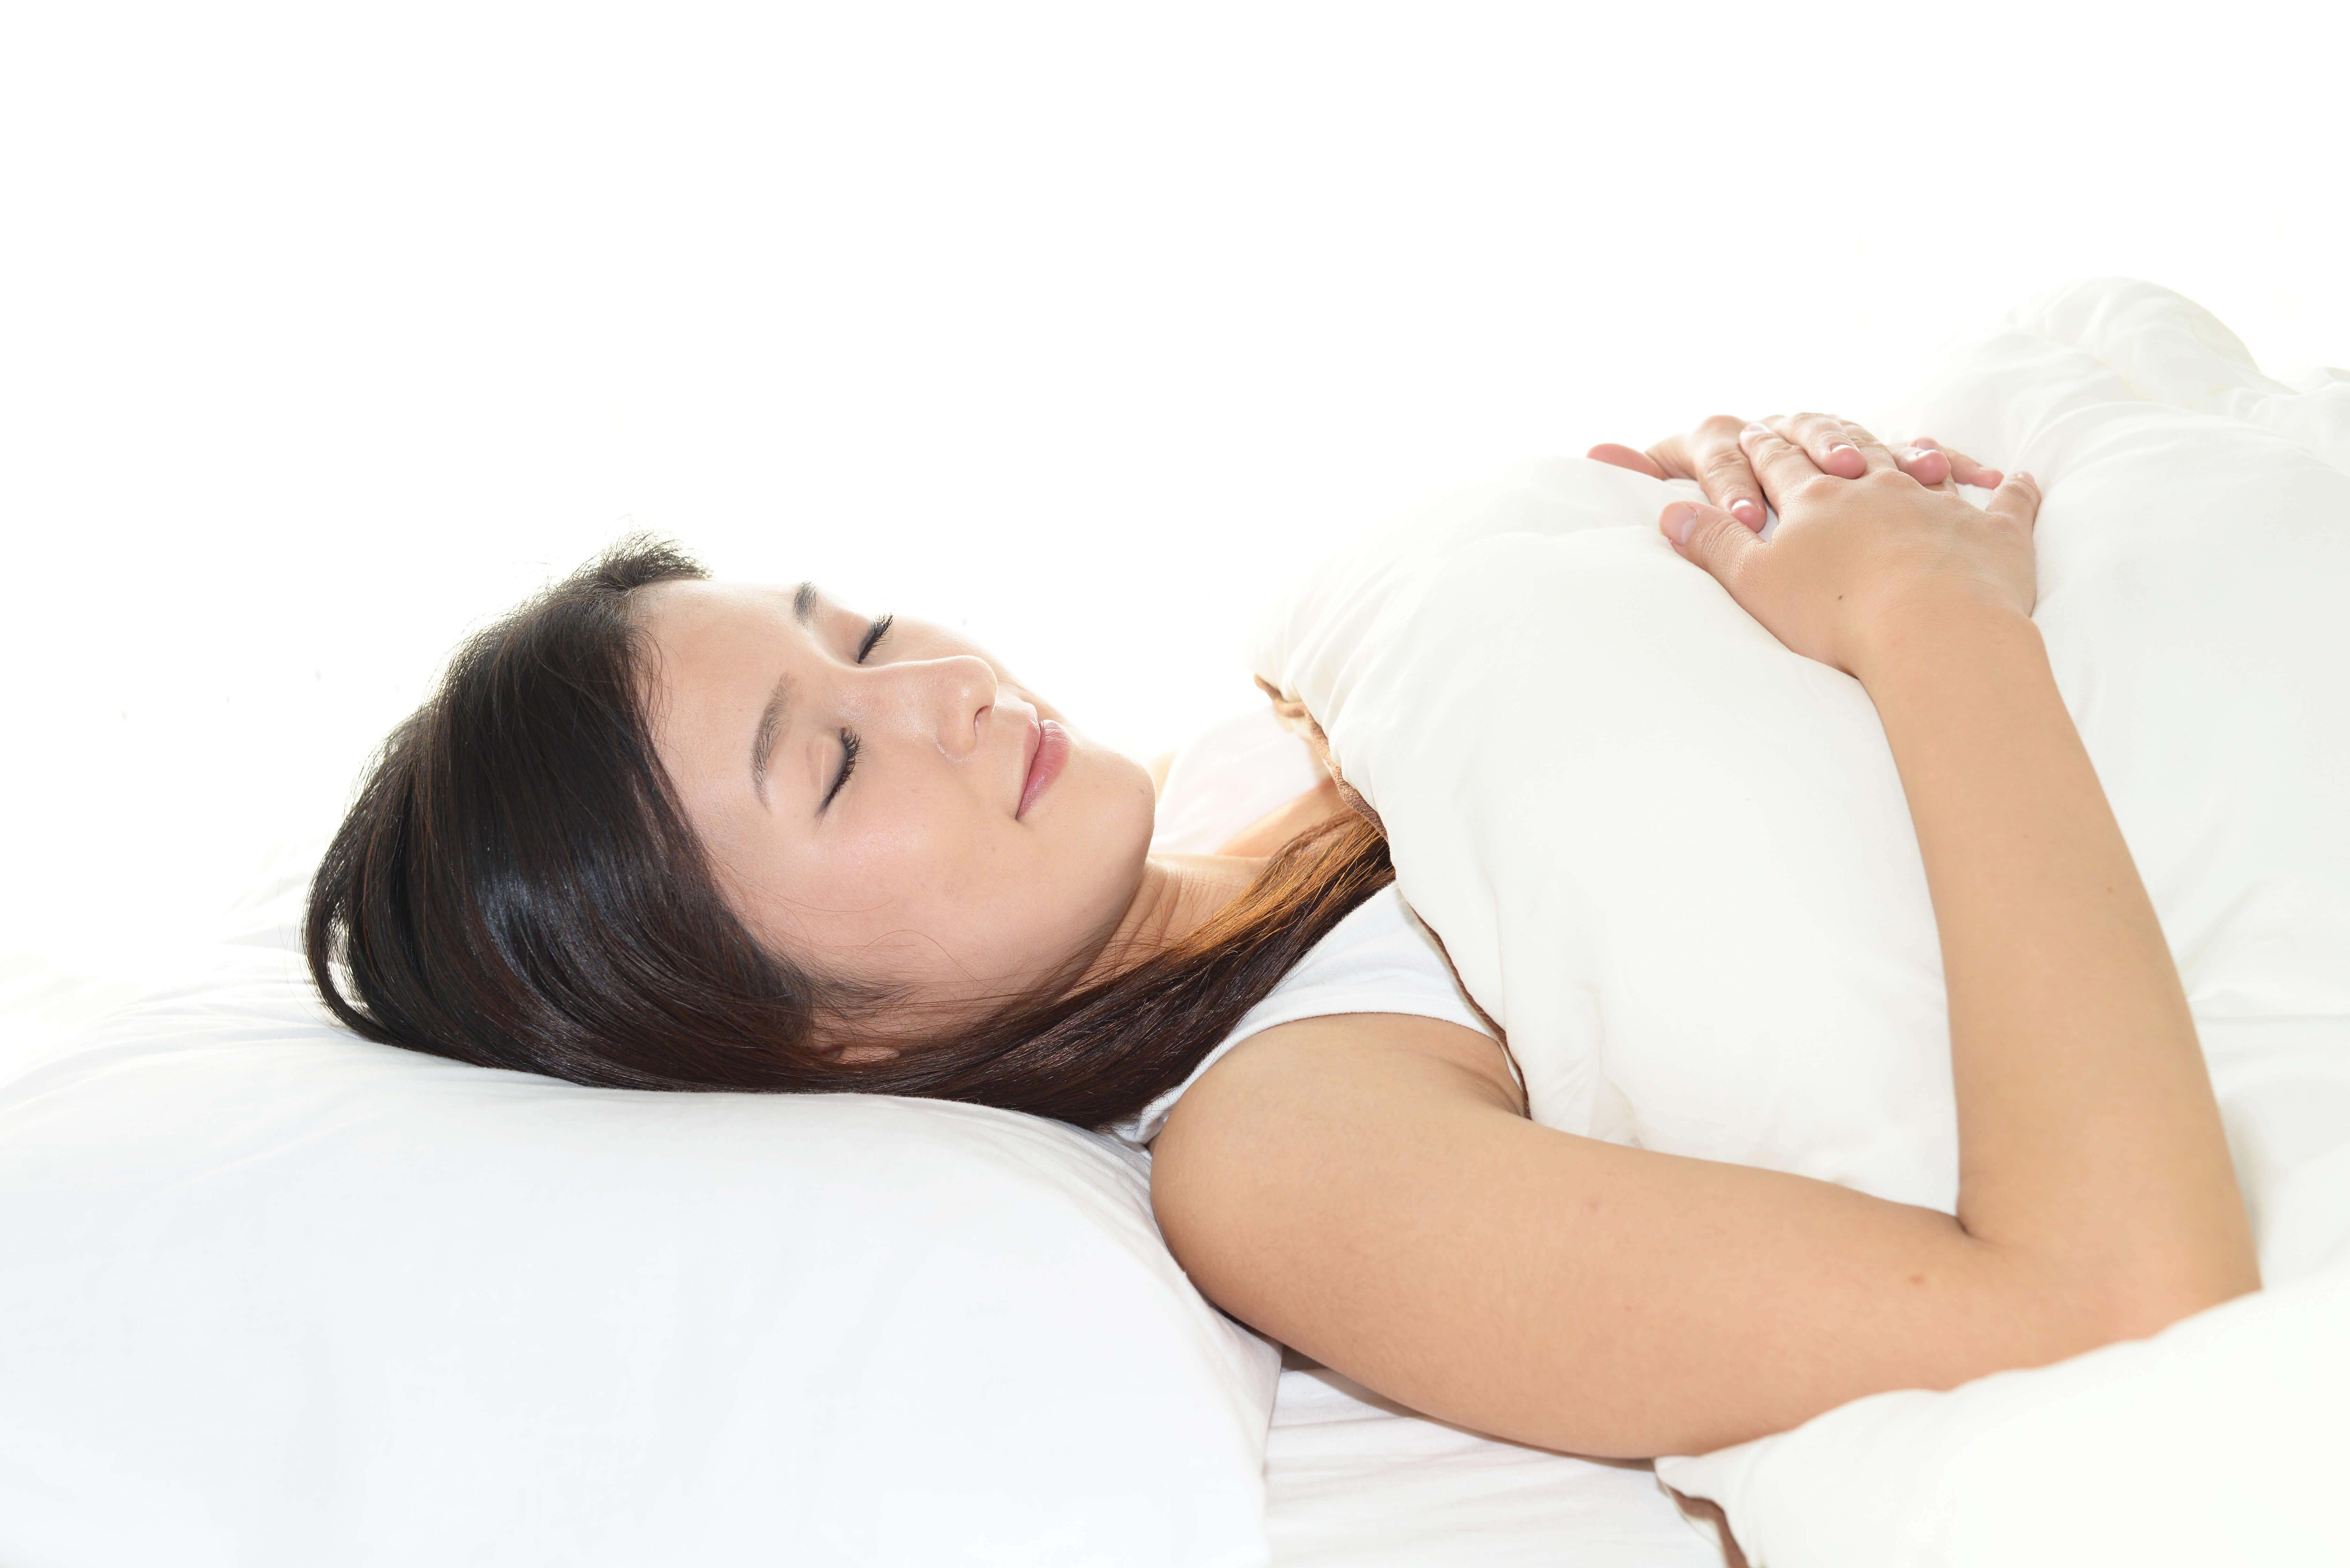 睡眠による成長ホルモンが髪の毛に与える影響とは? -美頭皮のすすめ-